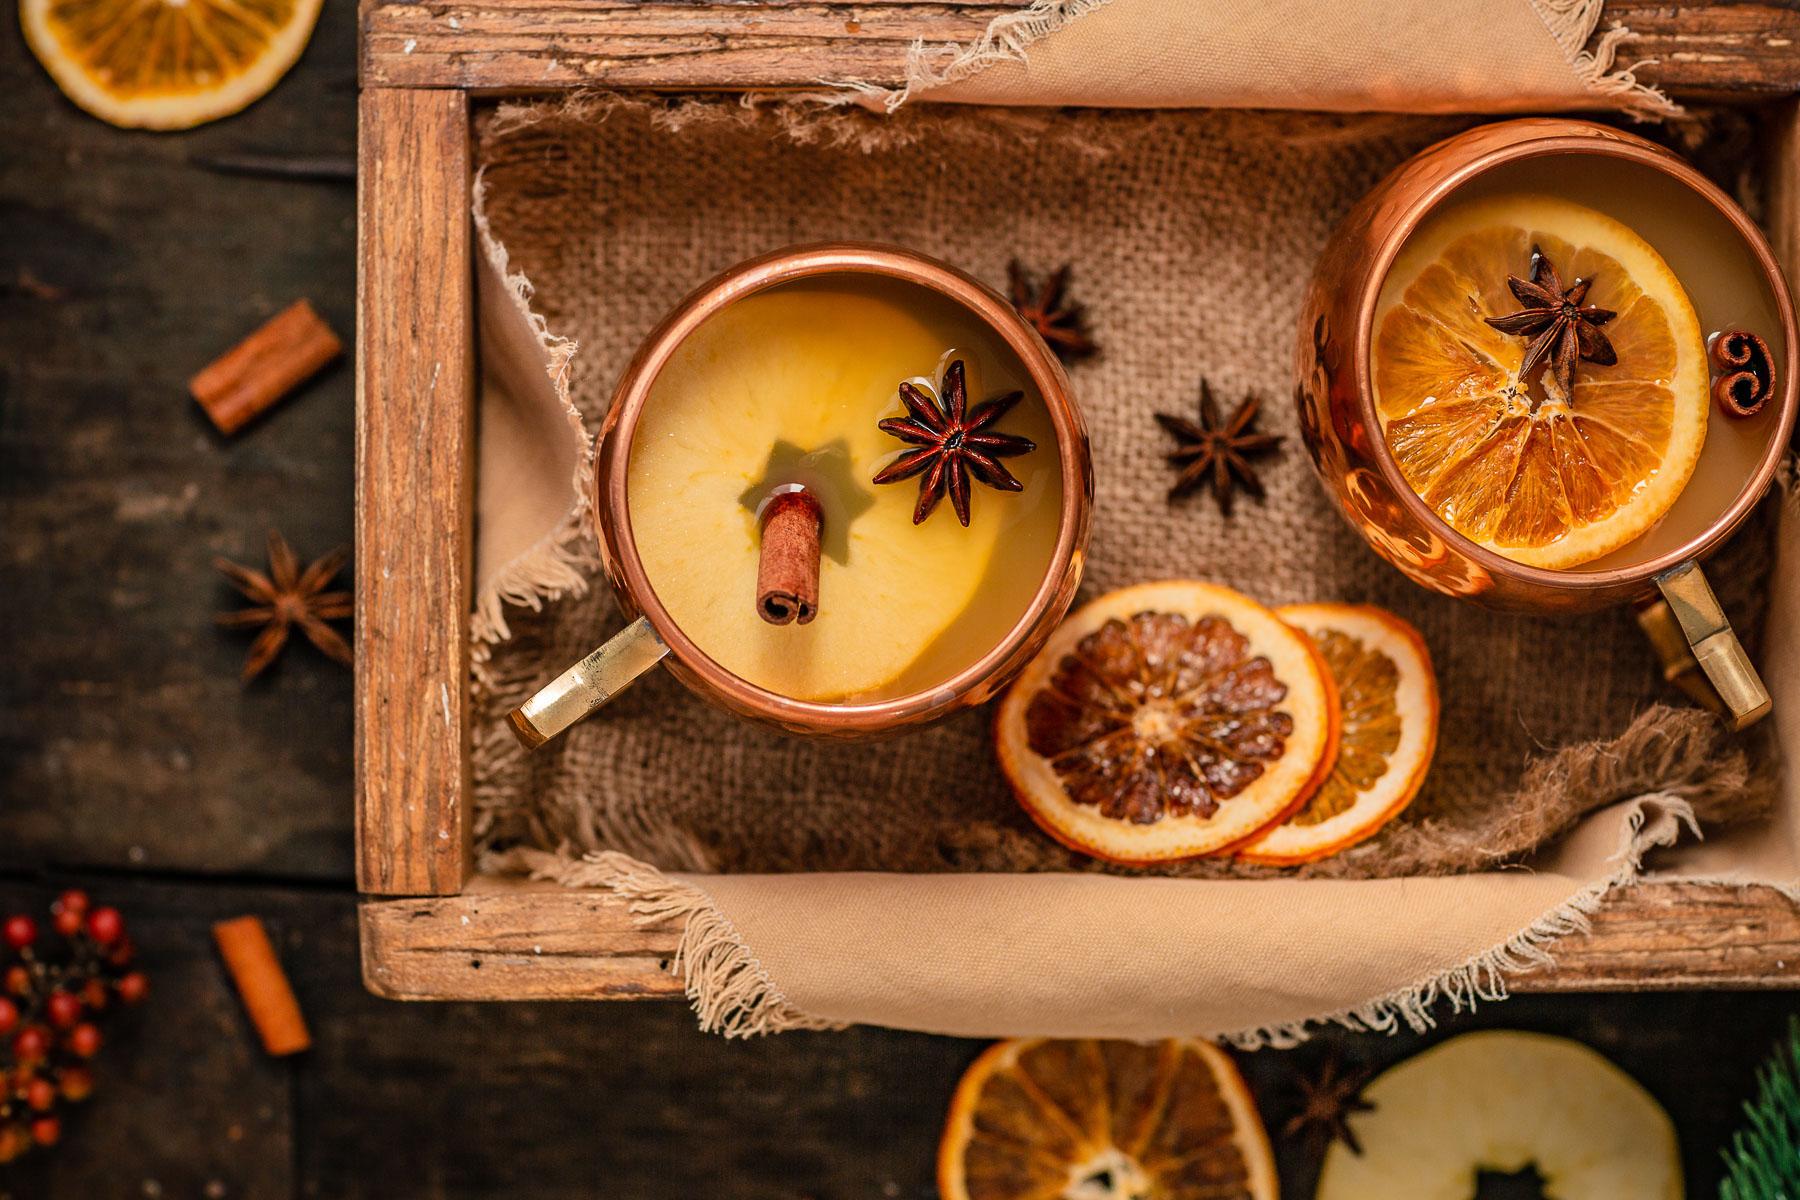 ricetta brulè di mele fatto in casa analcolico senza zucchero Mercatini di Natale #Christmas sugar free APPLE MULLED WINE recipe Apfelglühwein #vegan